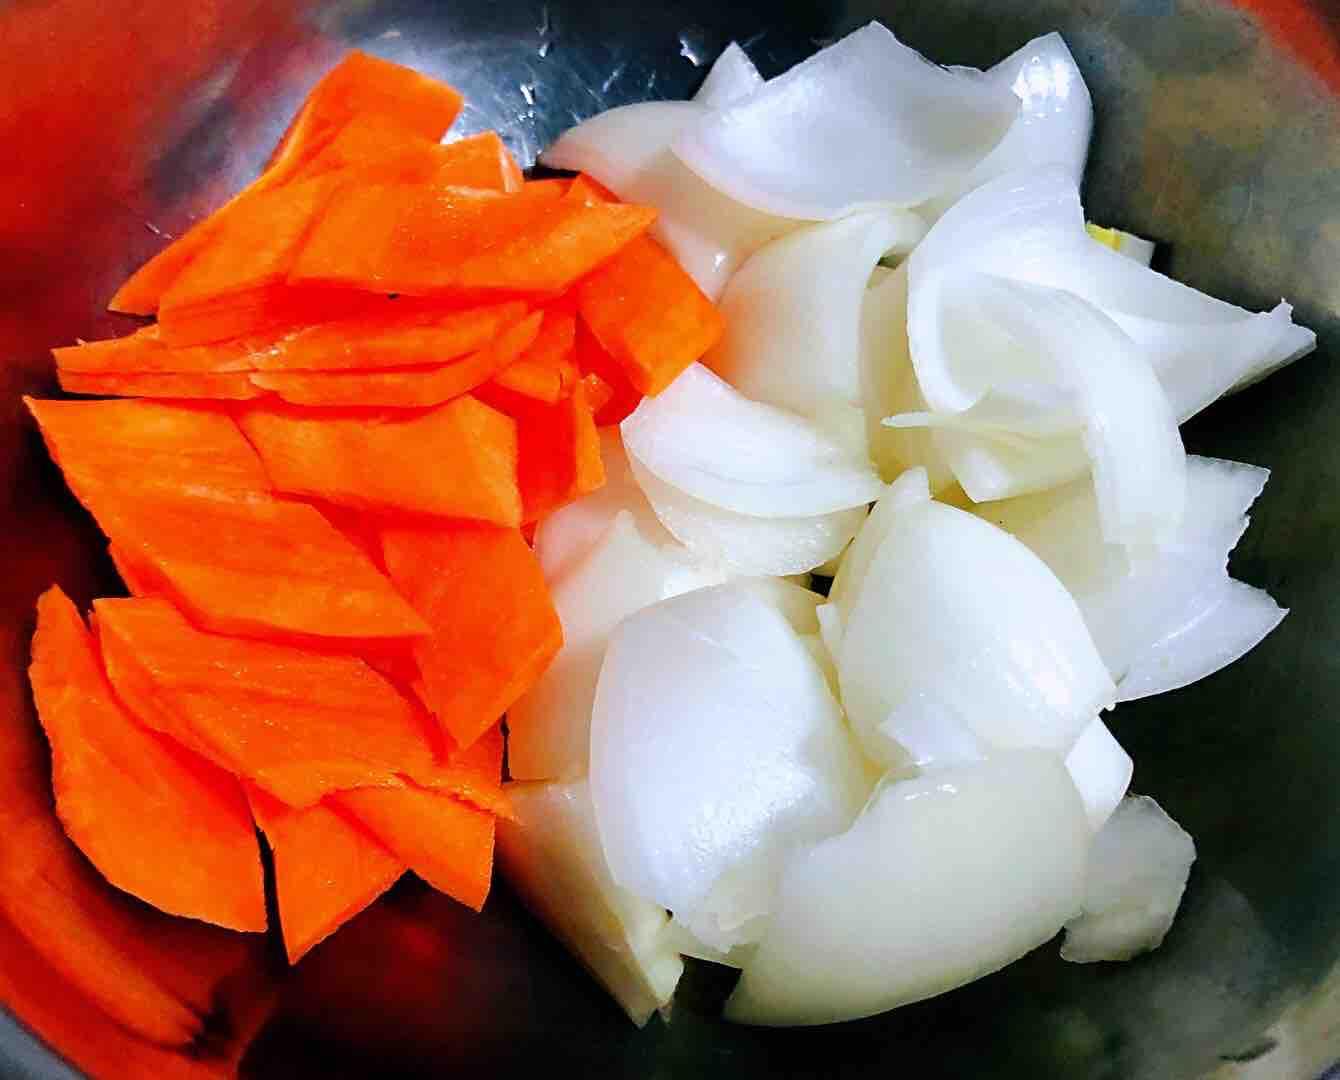 洋葱香菇胡萝卜炒土豆片的简单做法